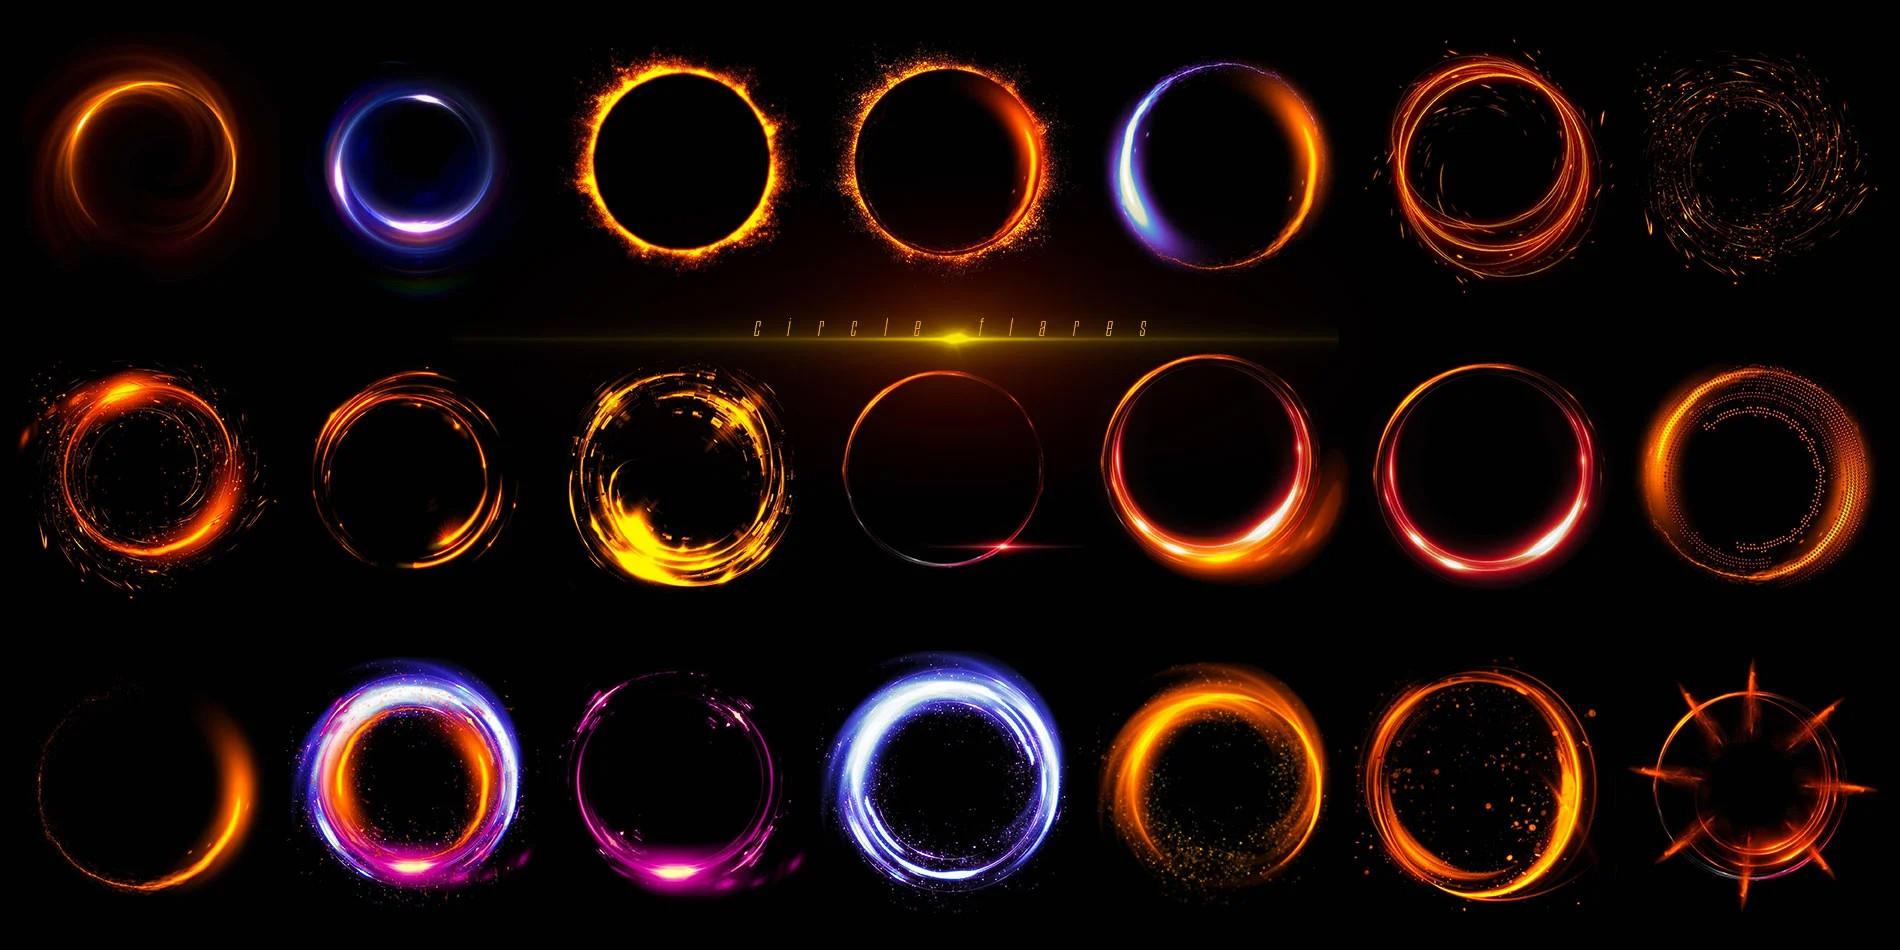 圆型光效光斑设计元素合集